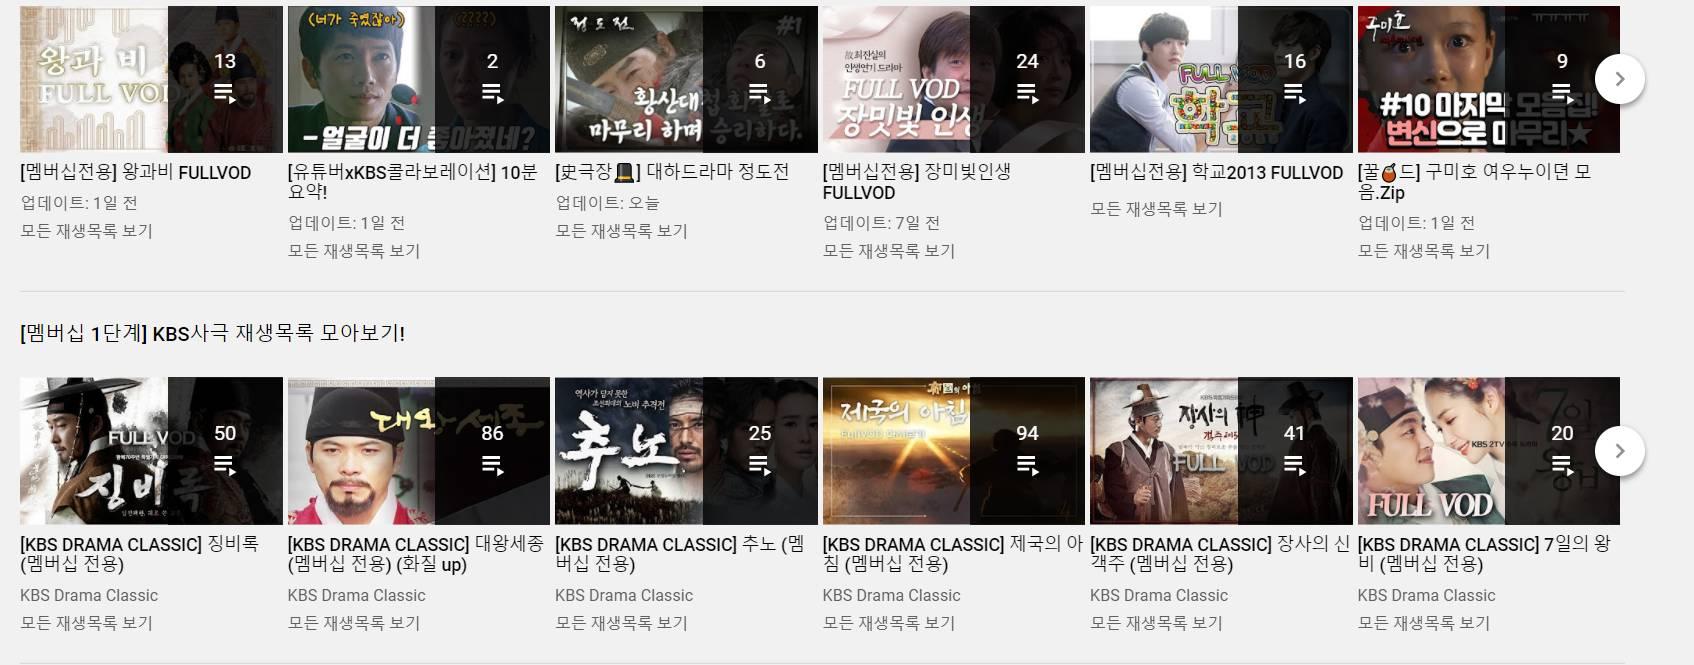 주인공 때문에 재방영 못하는 드라마 업로드 시작한 KBS 유튜브 | 인스티즈